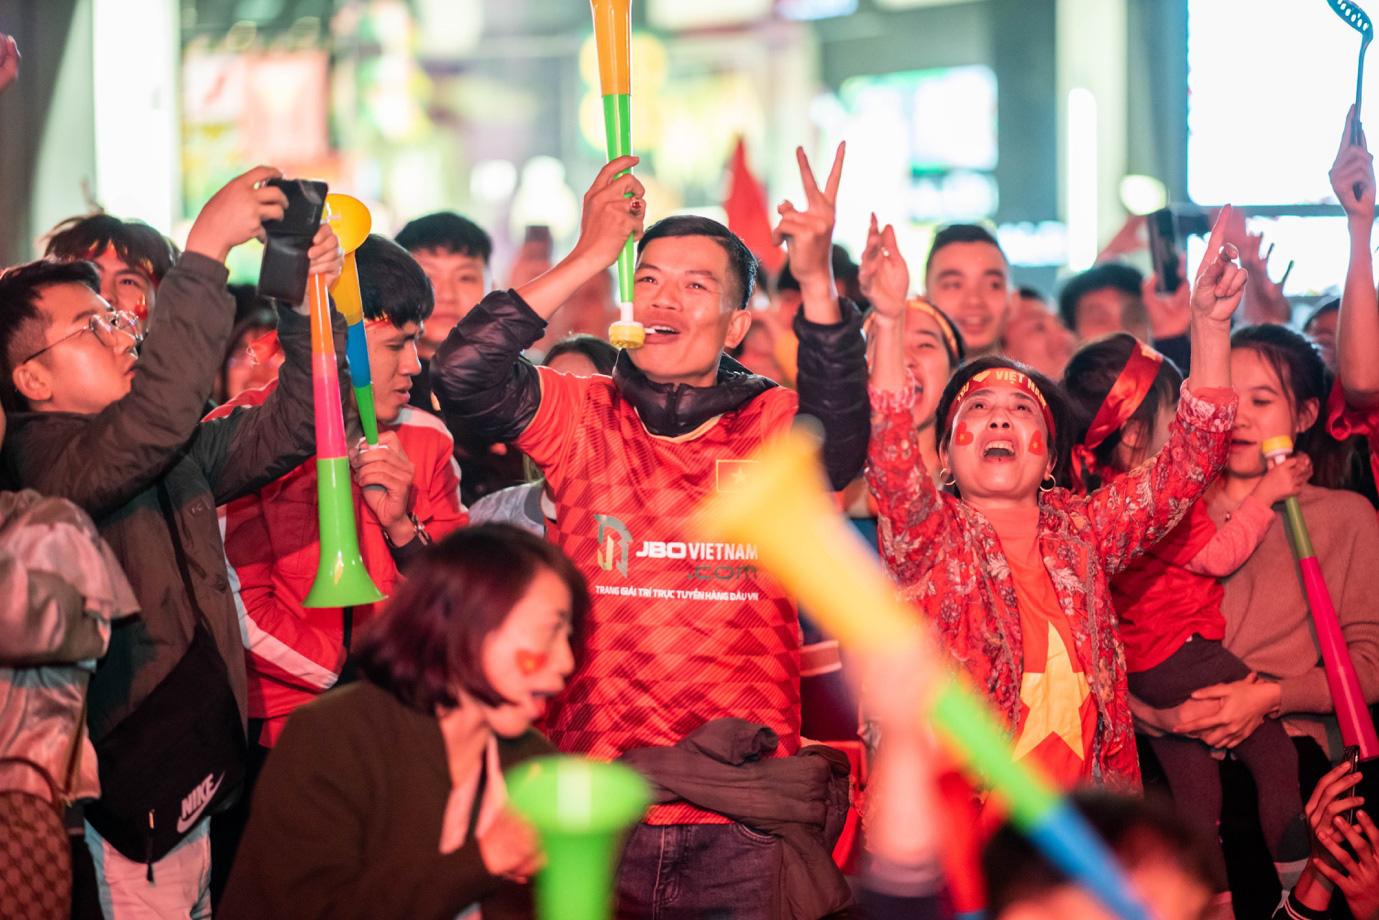 Tối nay, Hà Nội mở đại tiệc bóng đá trước Nhà hát Lớn, chờ U22 bất bại rinh vàng lịch sử! - Ảnh 2.